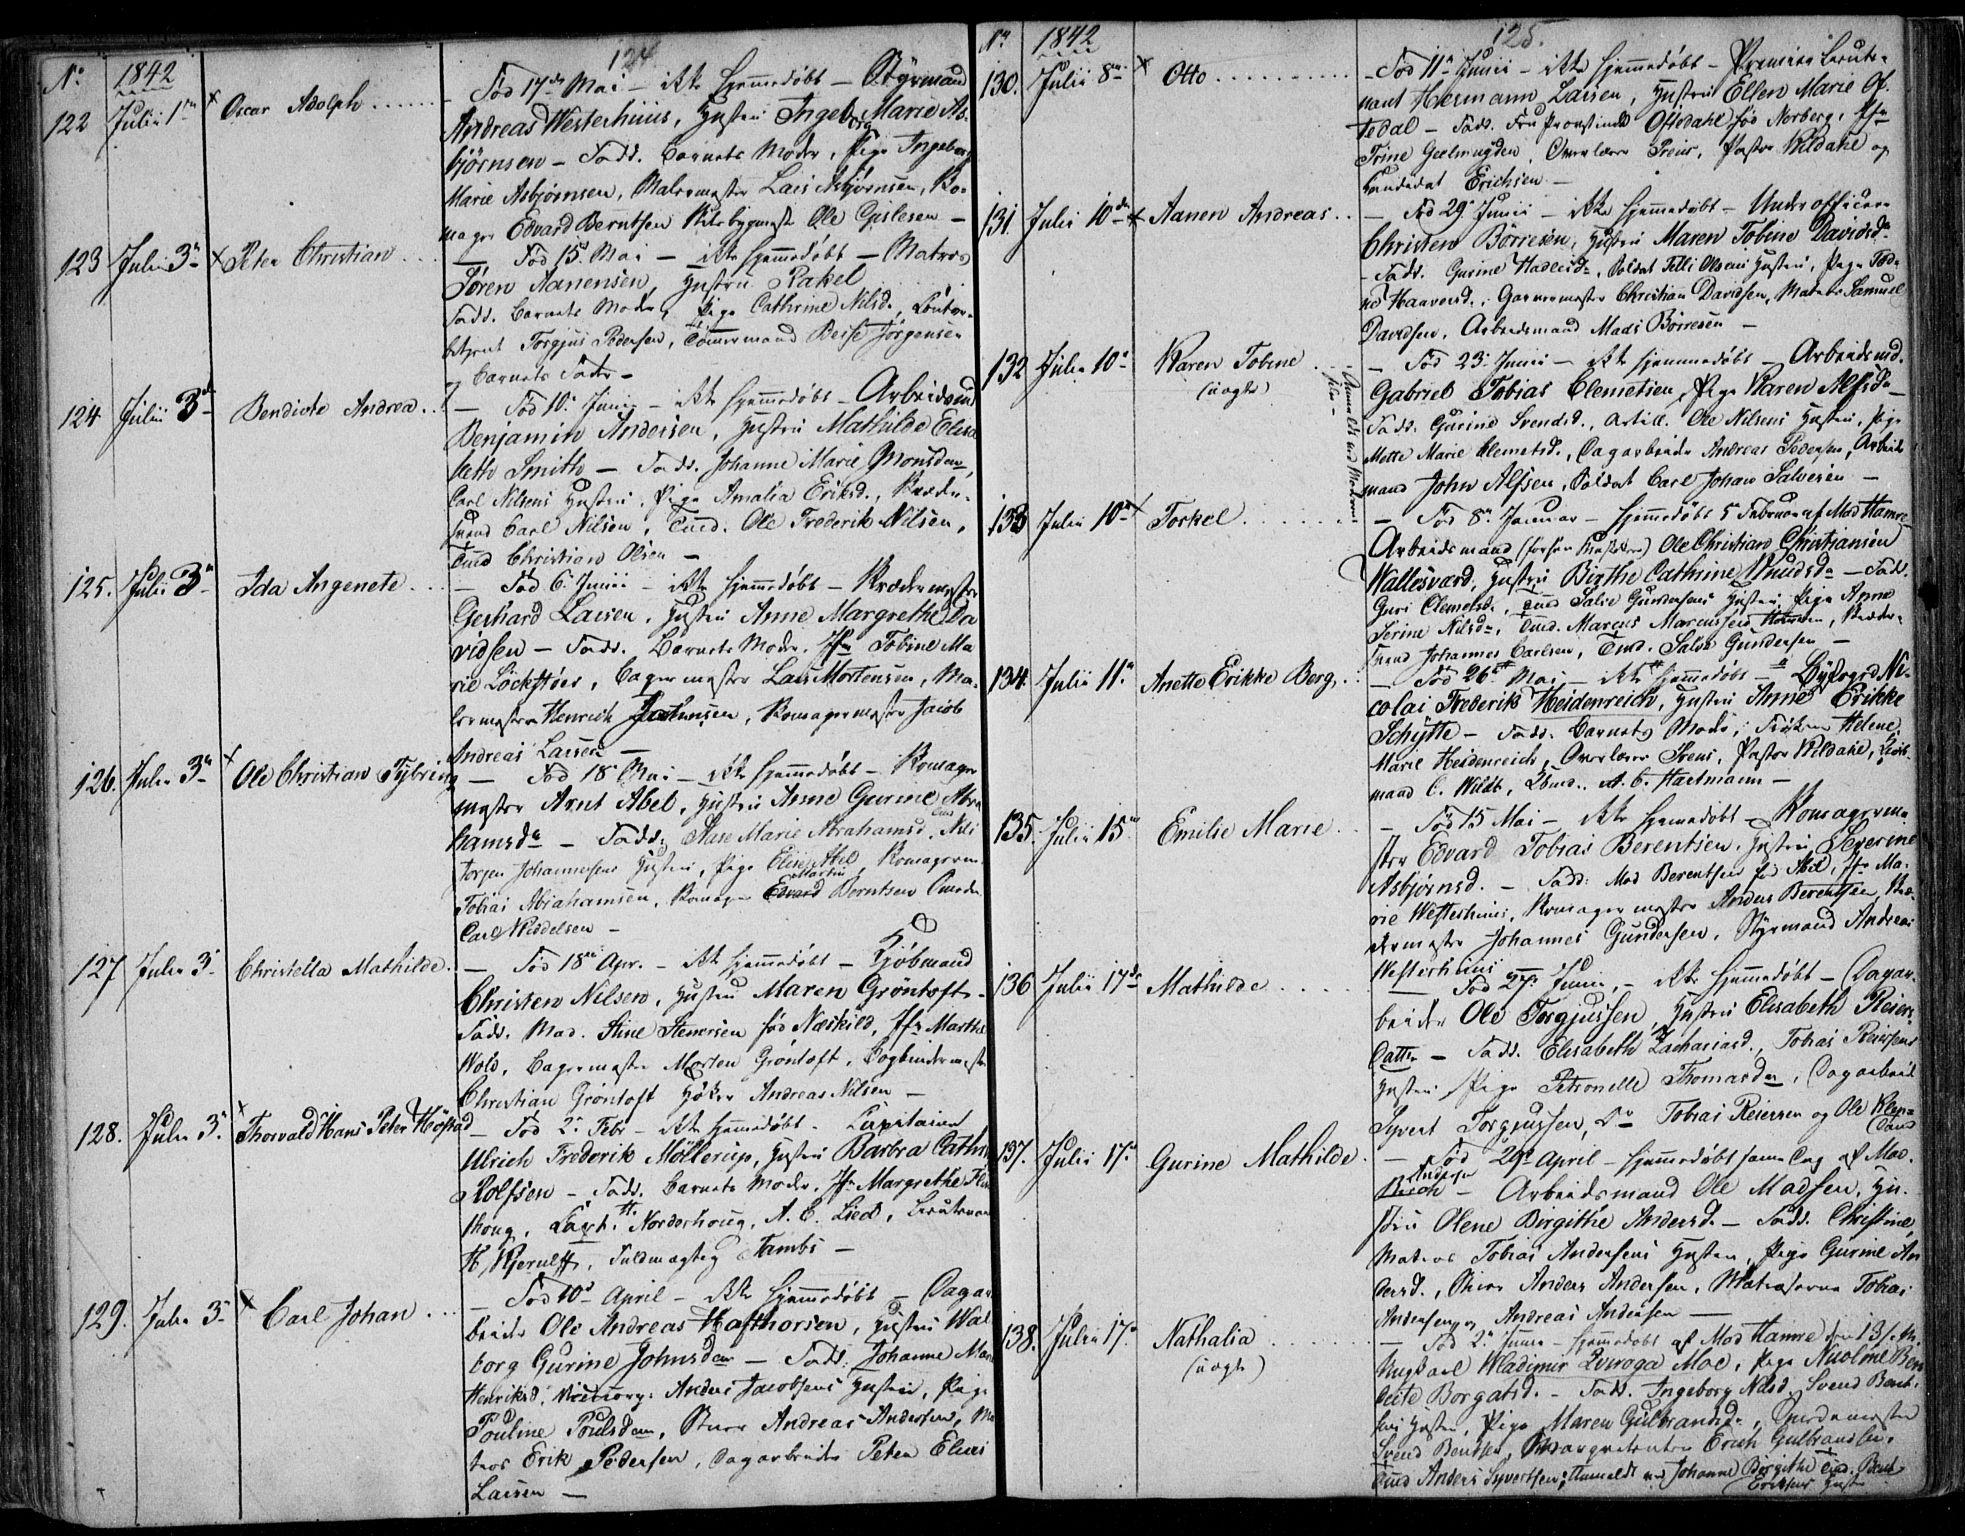 SAK, Kristiansand domprosti, F/Fb/L0009: Klokkerbok nr. B 9, 1838-1843, s. 124-125